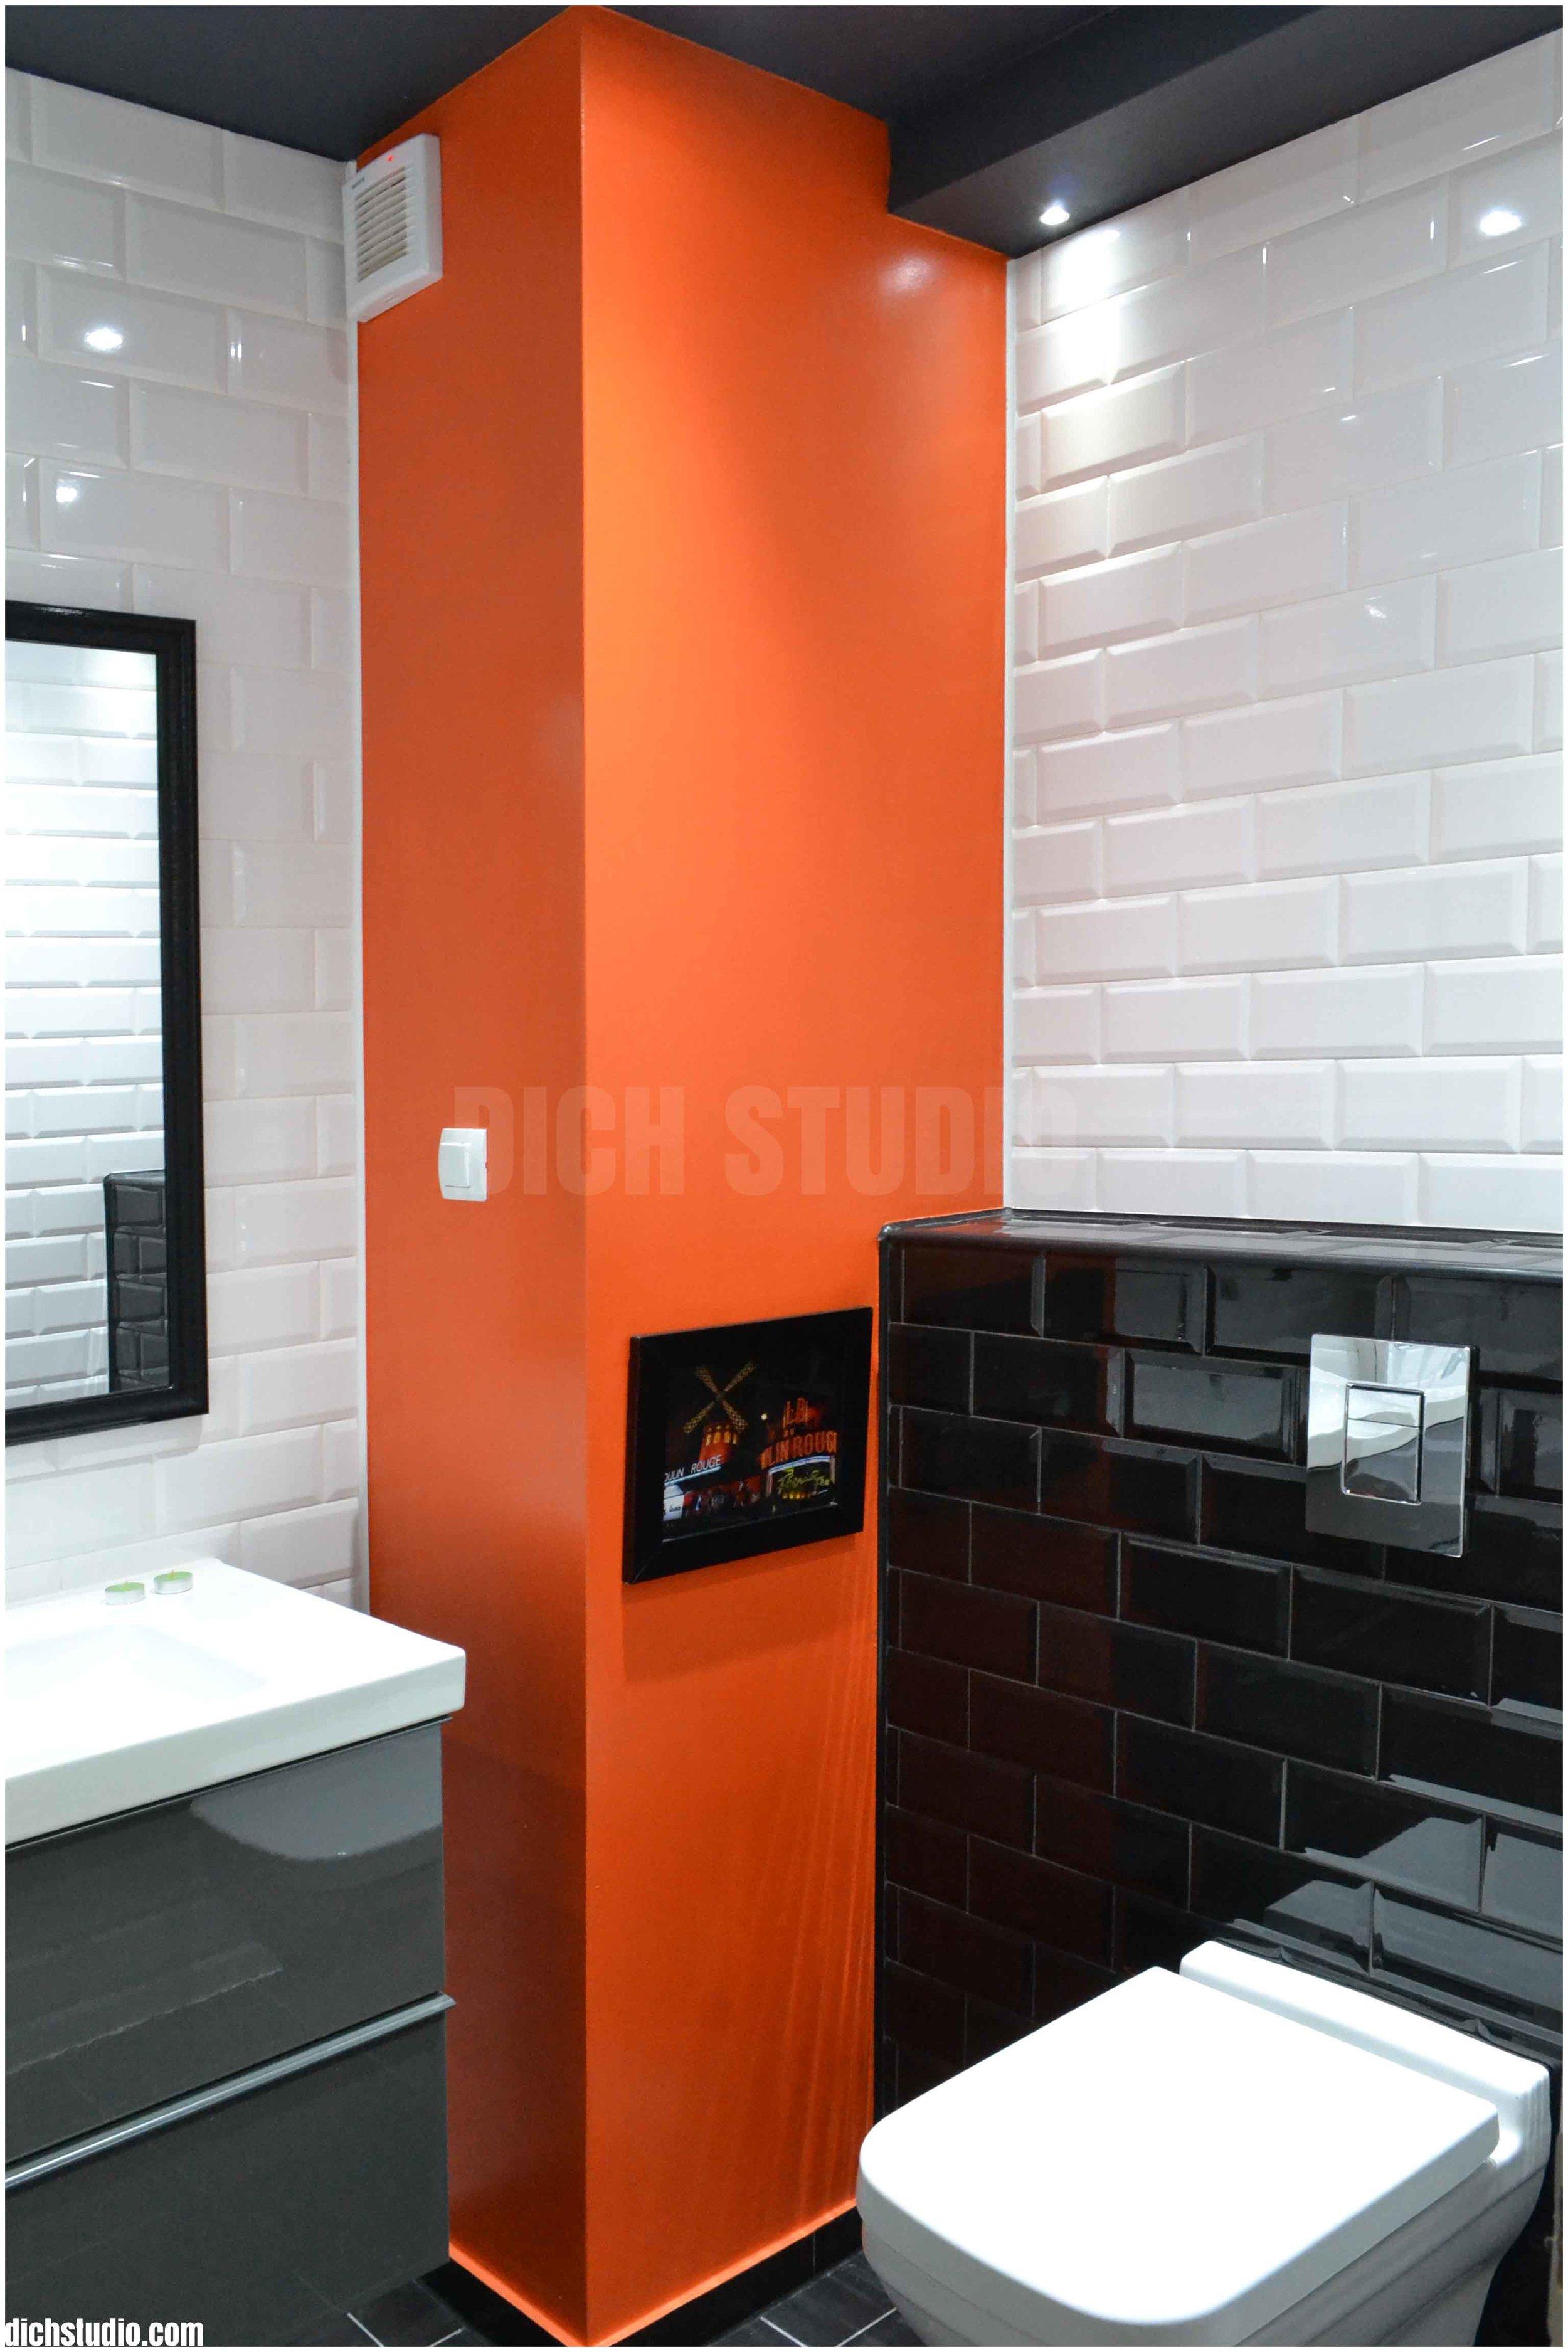 Bathroom design - completed work